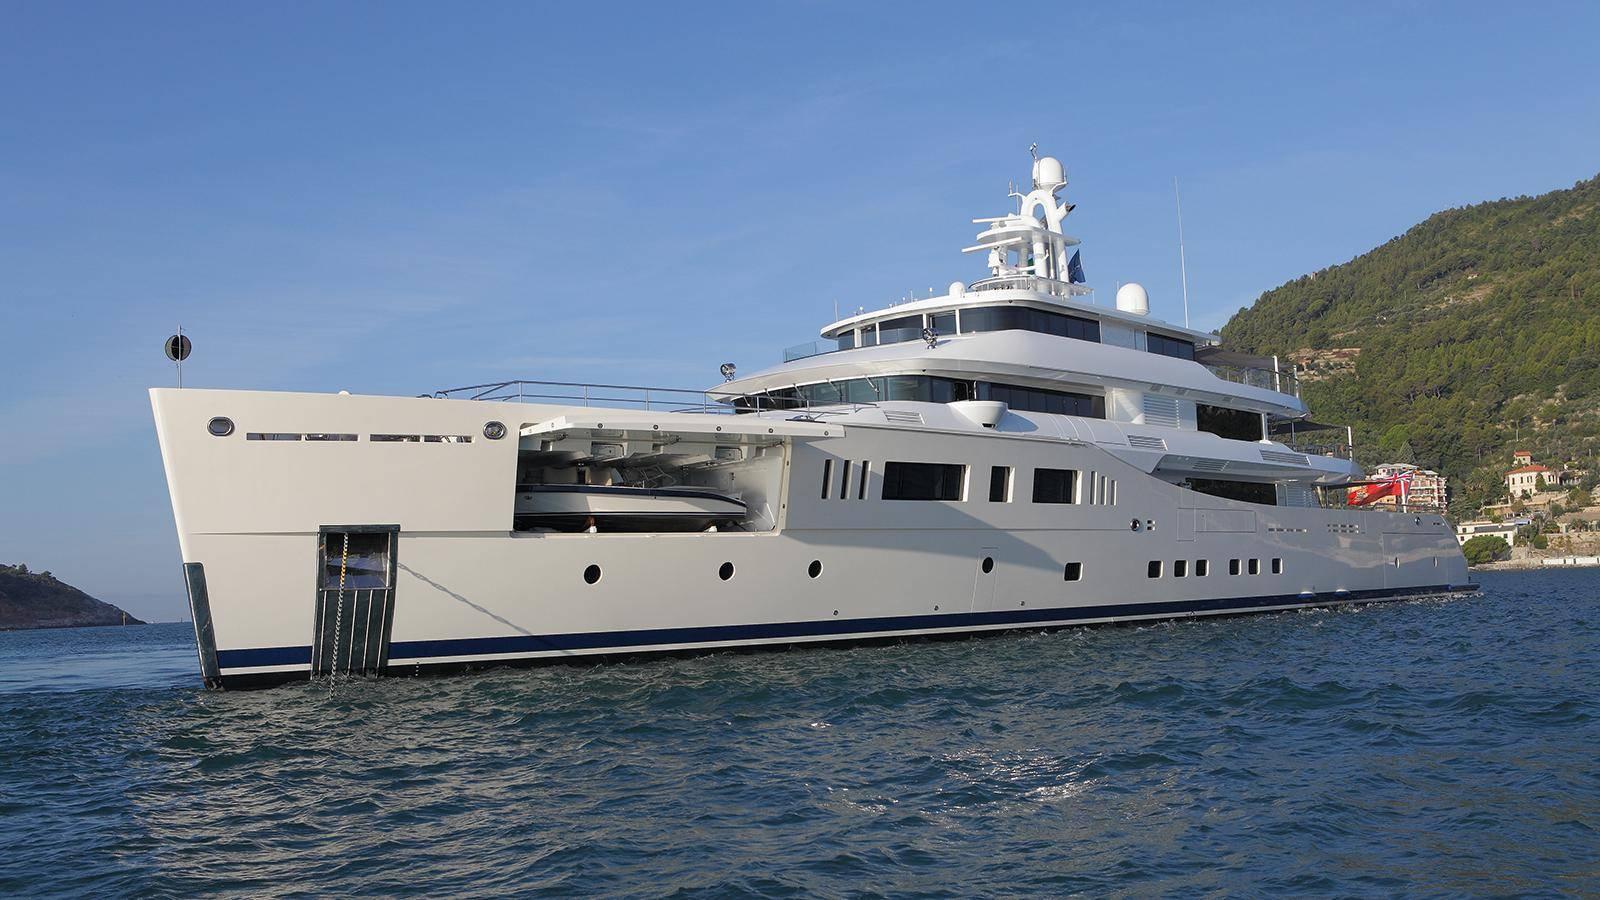 aiWcYrW1TCdYtVNuEUOL_grace-e-yacht-1600x900